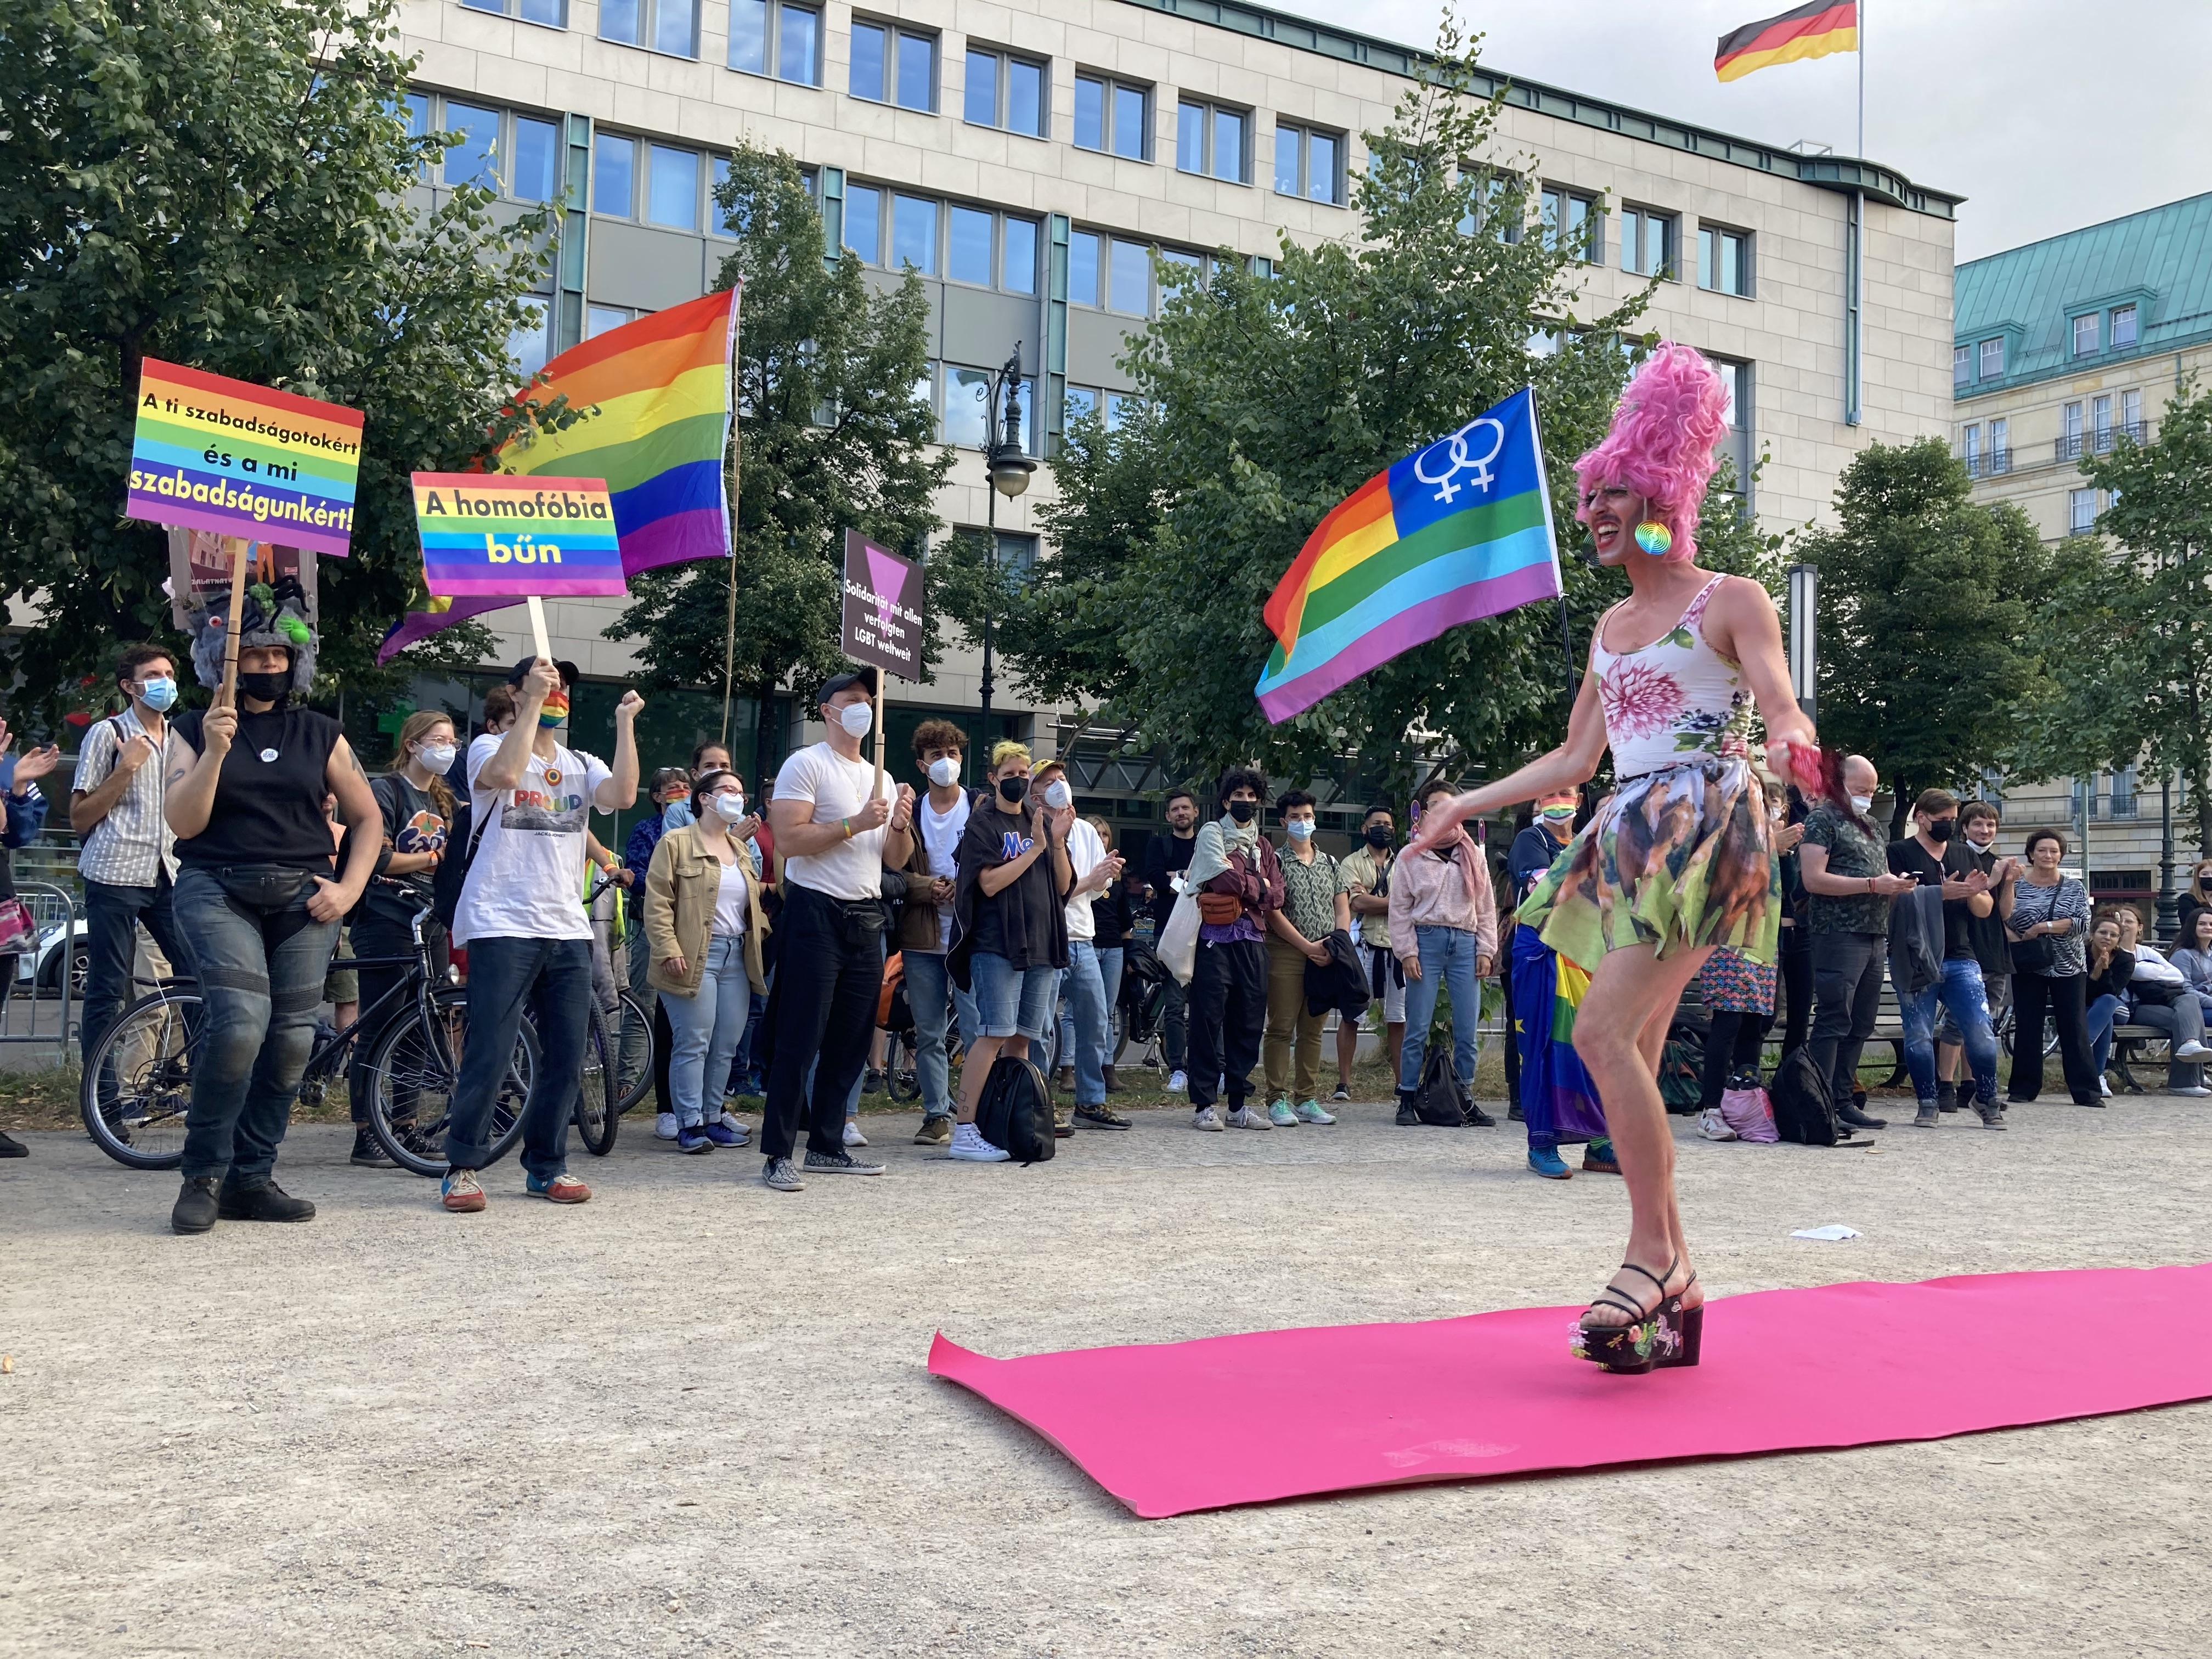 Drag queenekkel ünnepelték az alternatív államalapítást a berlini magyar nagykövetség előtt